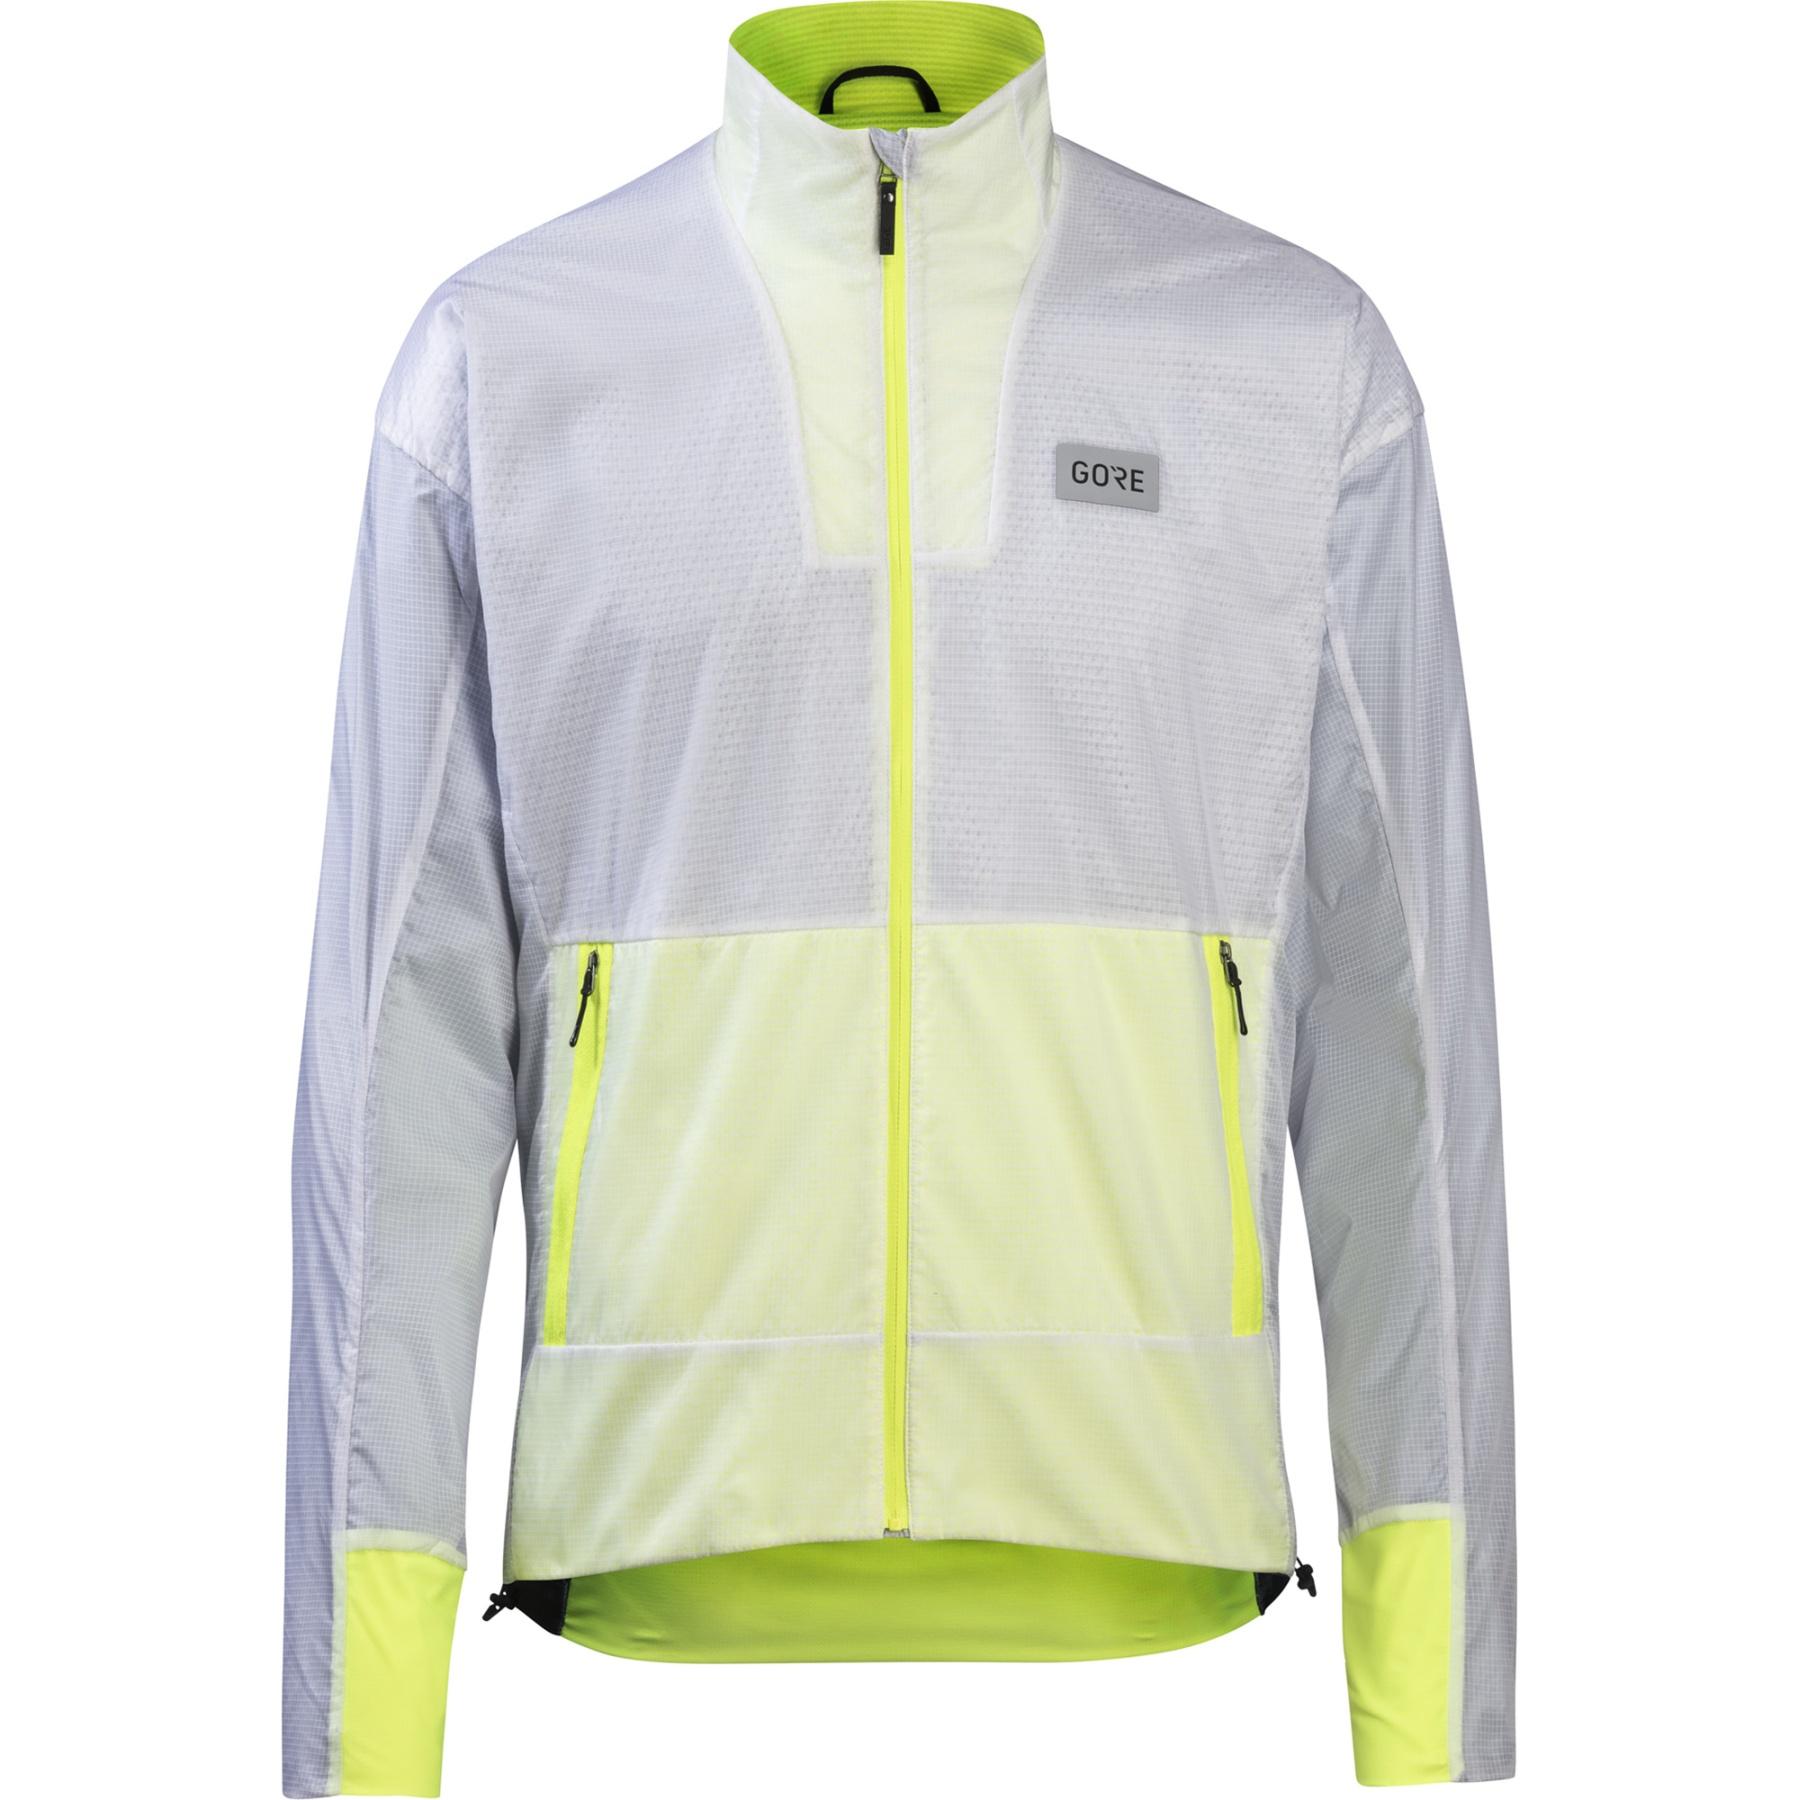 Foto de GORE Wear Drive Chaqueta Running - white/neon yellow 0108